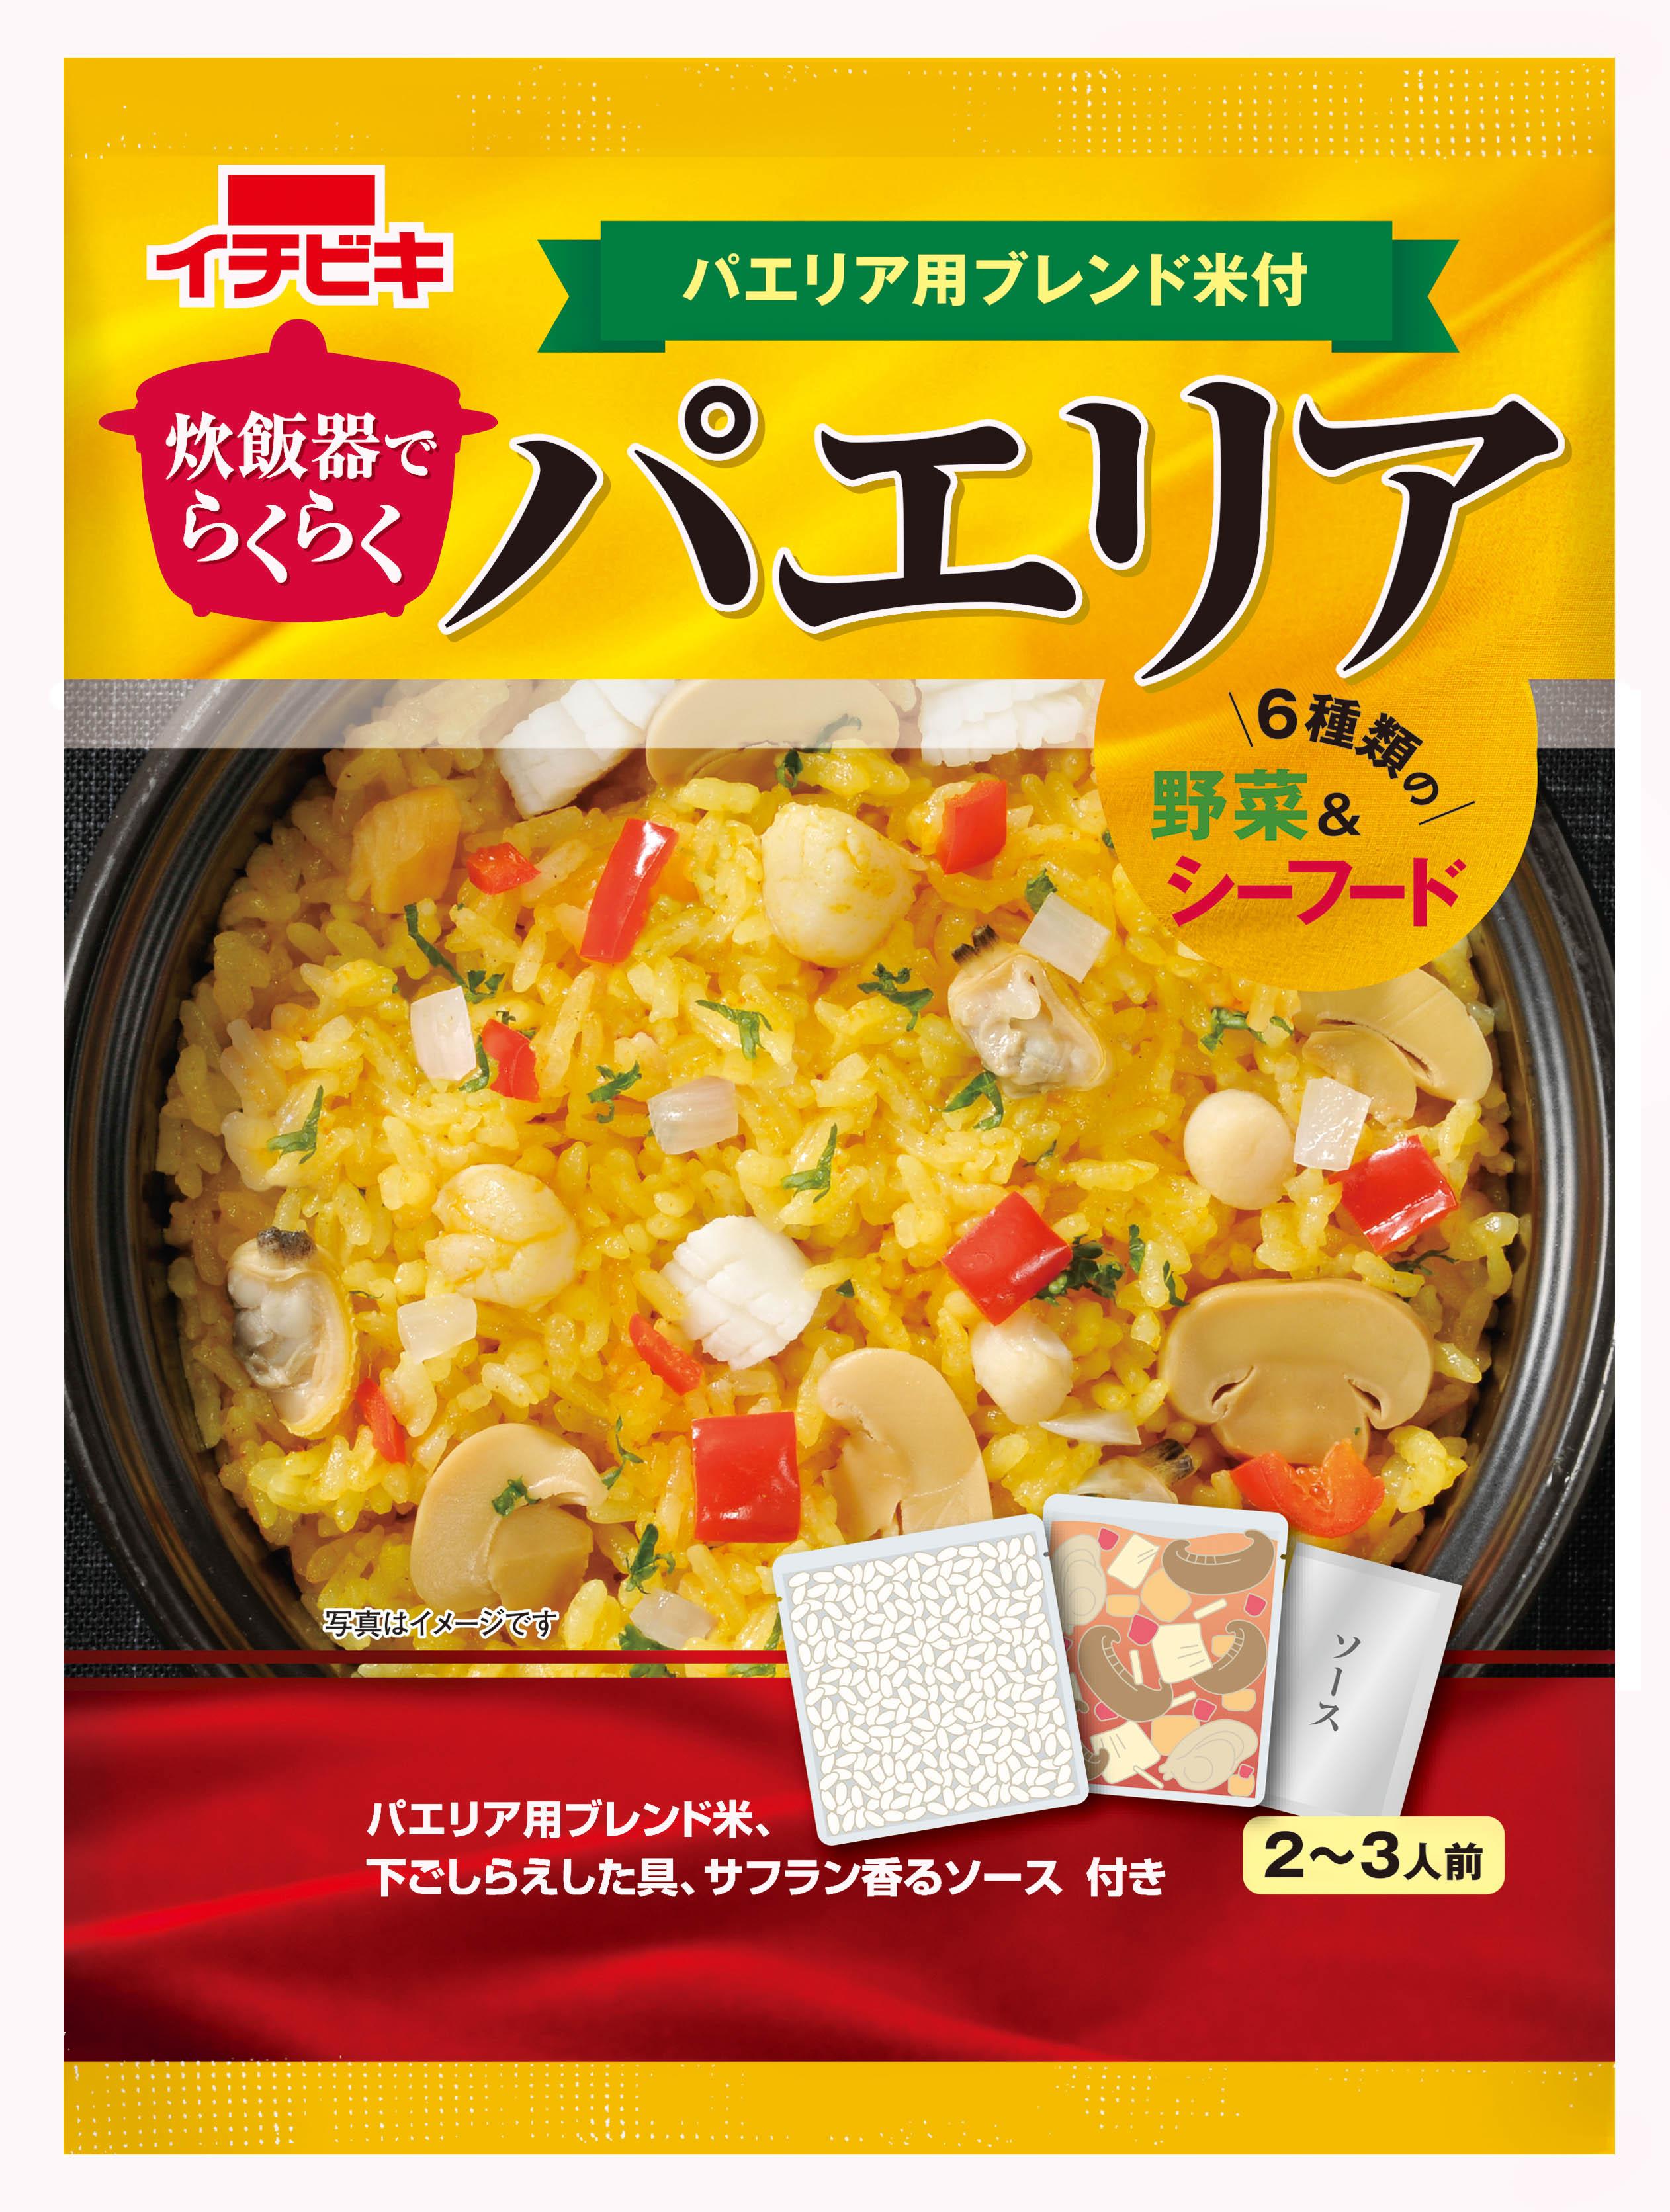 【10%OFF】イチビキ 炊飯器でらくらく パエリア 340g×6個 ZTHI